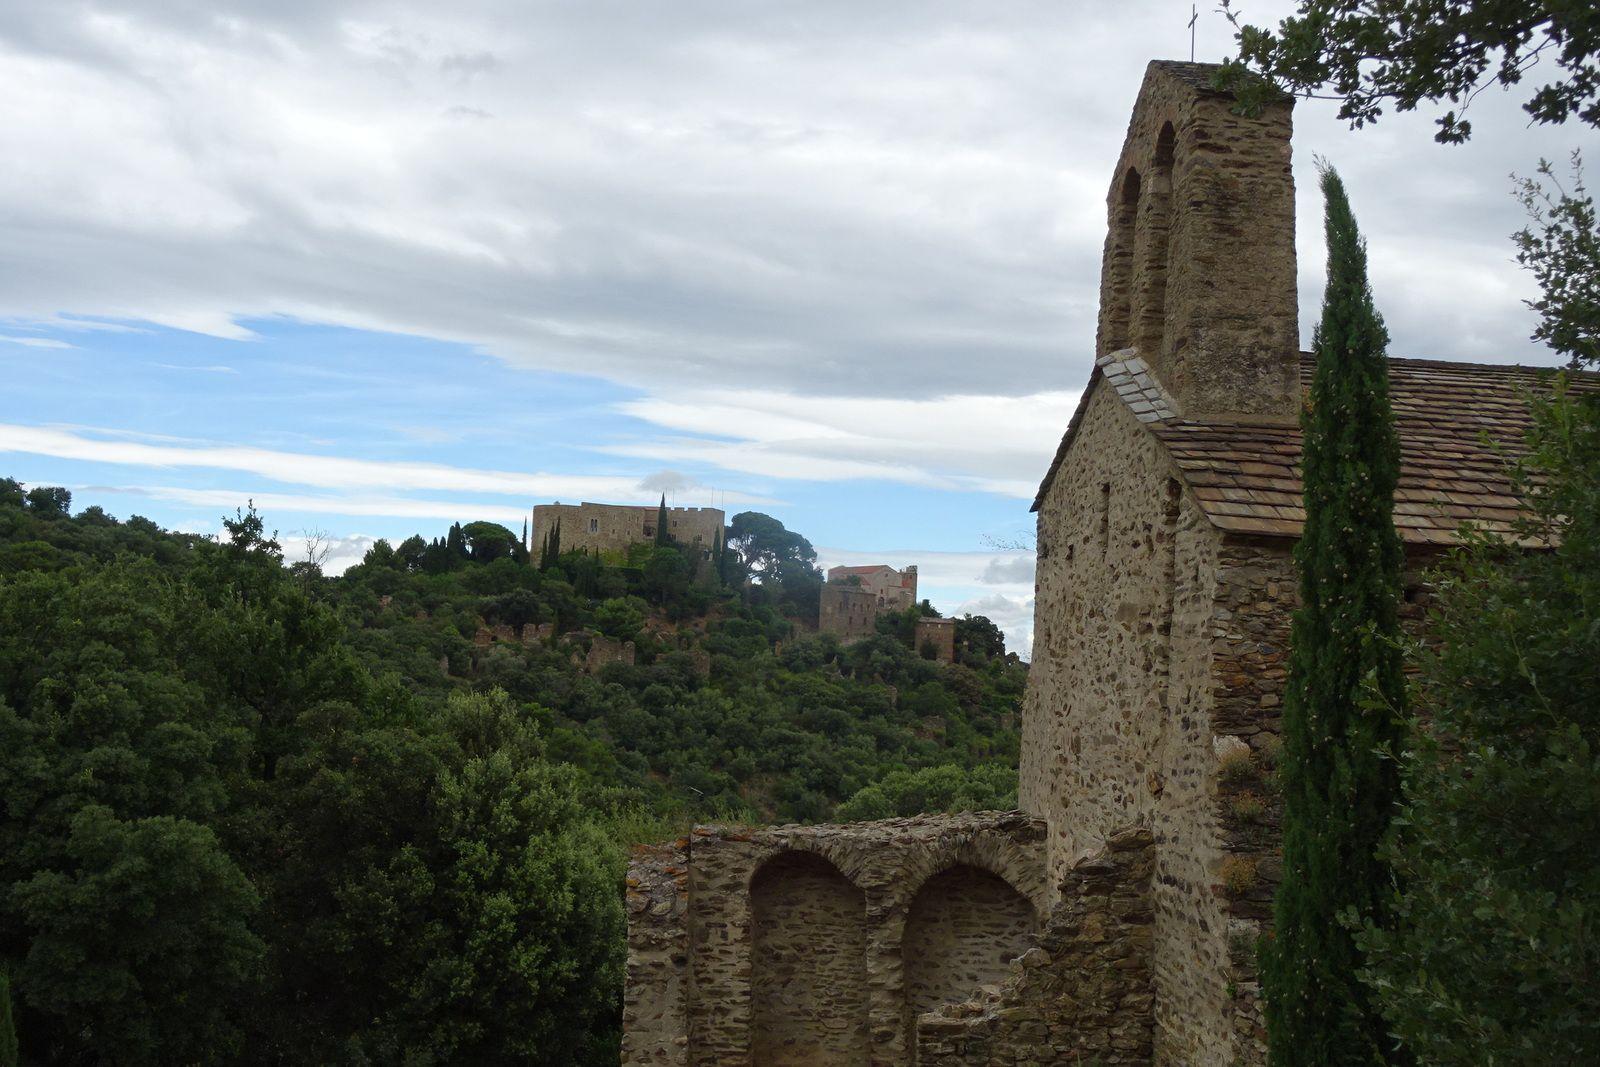 La chapelle Saint Maurice. Levés avant l'aube, nous allons dans les Corbières mais le vent est si violent que nous faisons demi-tour. Nous ferons une petite sortie dans l'après-midi.